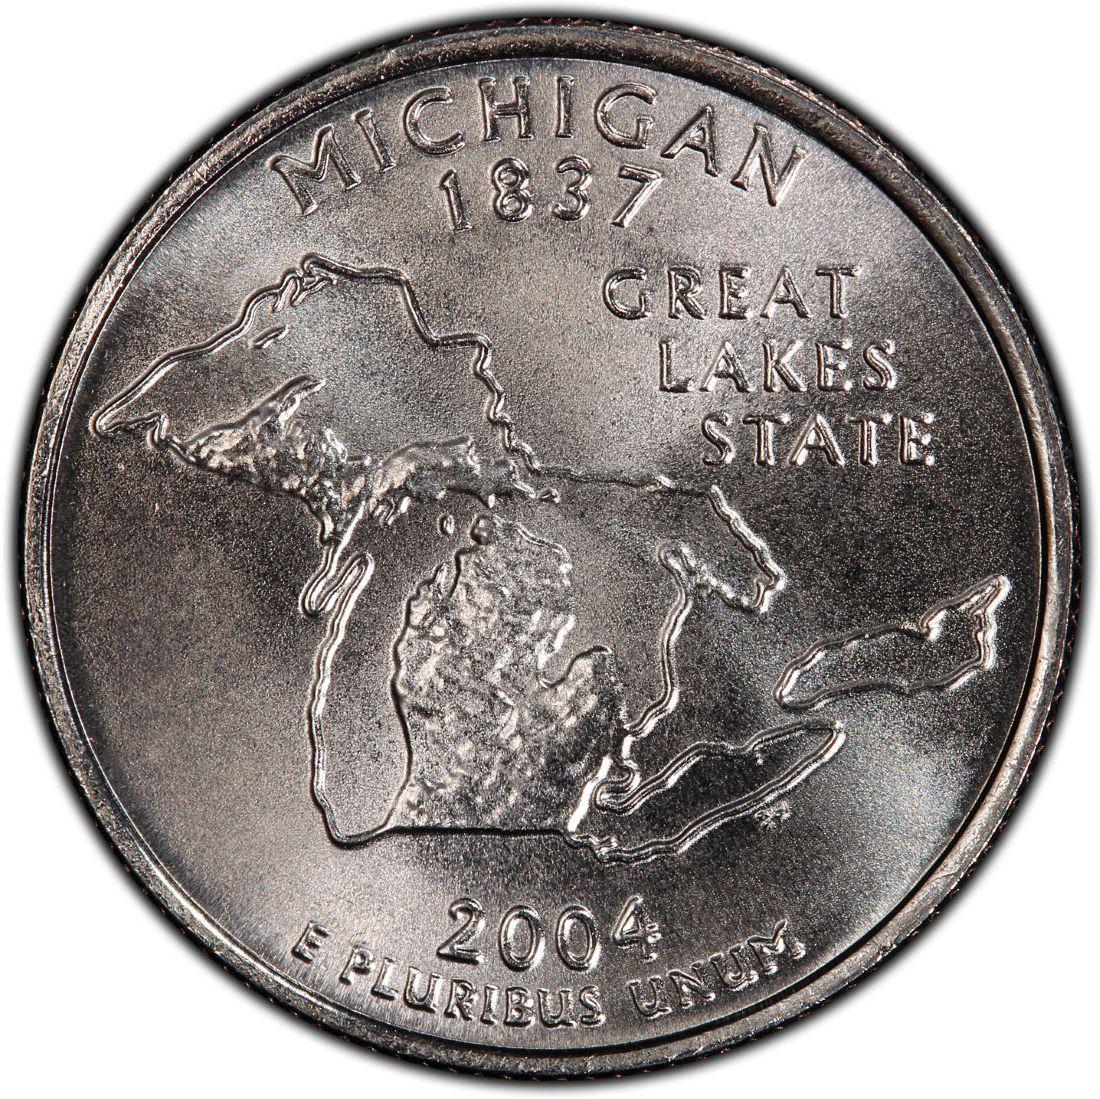 2004D MICHIGAN STATE QUARTER